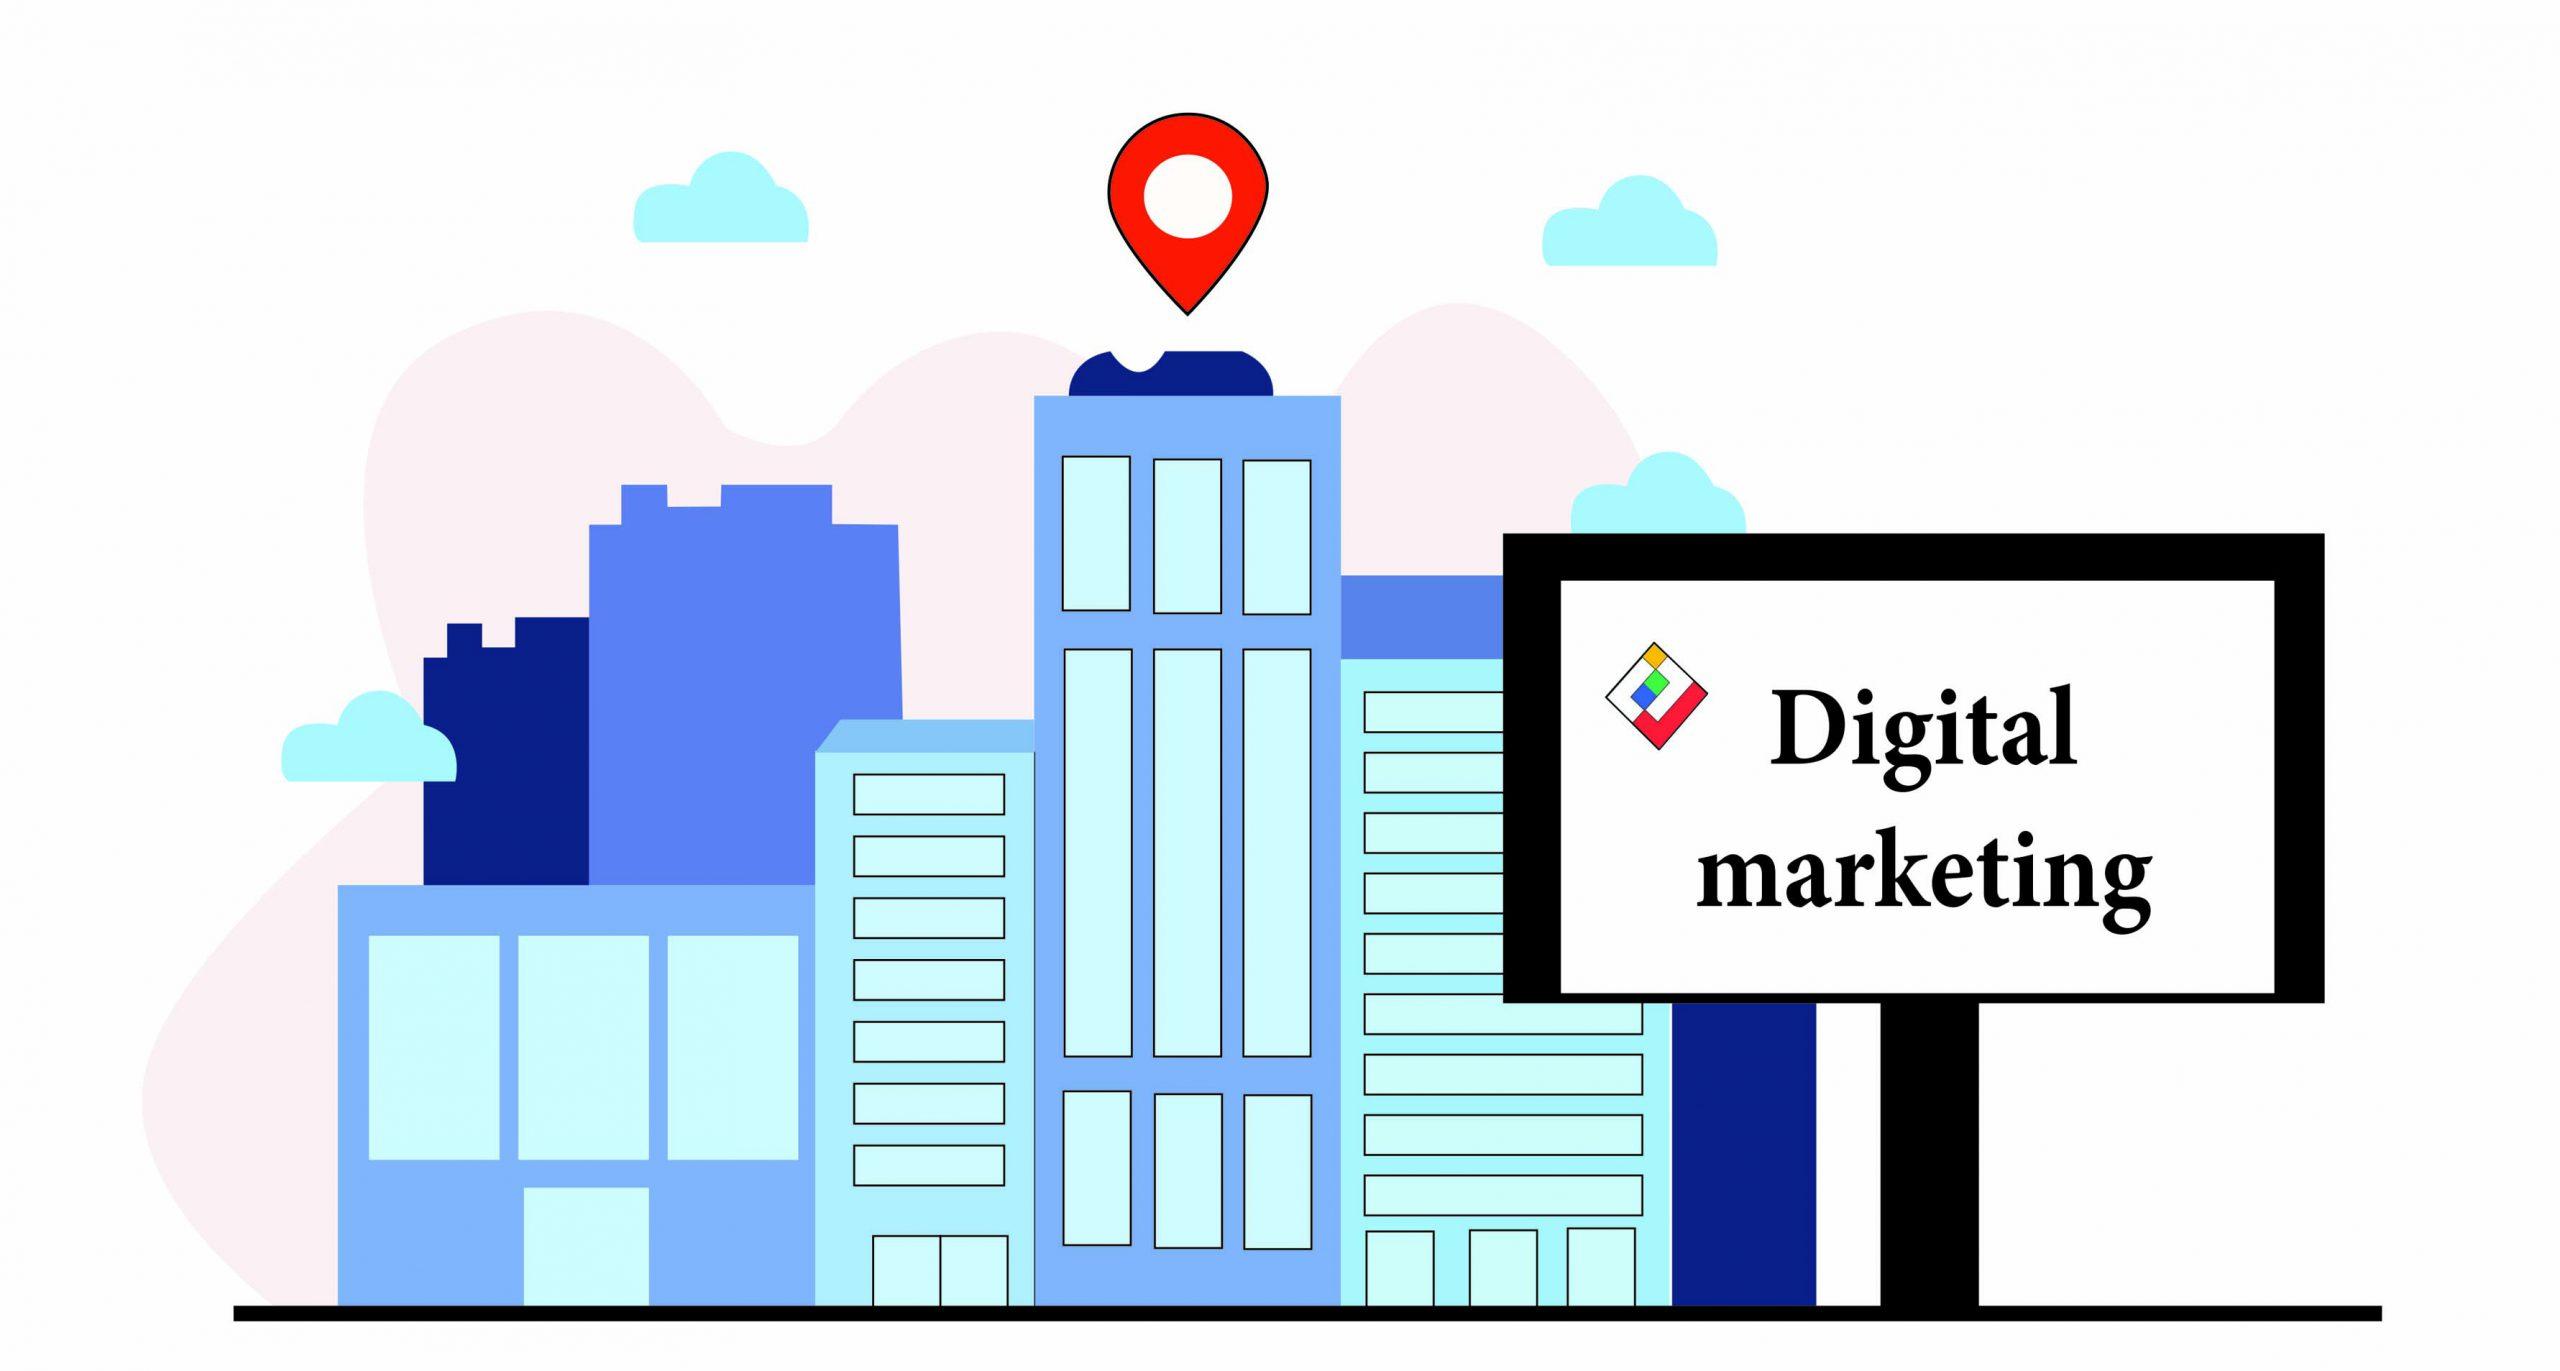 بازاریابی دیجیتال چه قدر اهمیت دارد؟